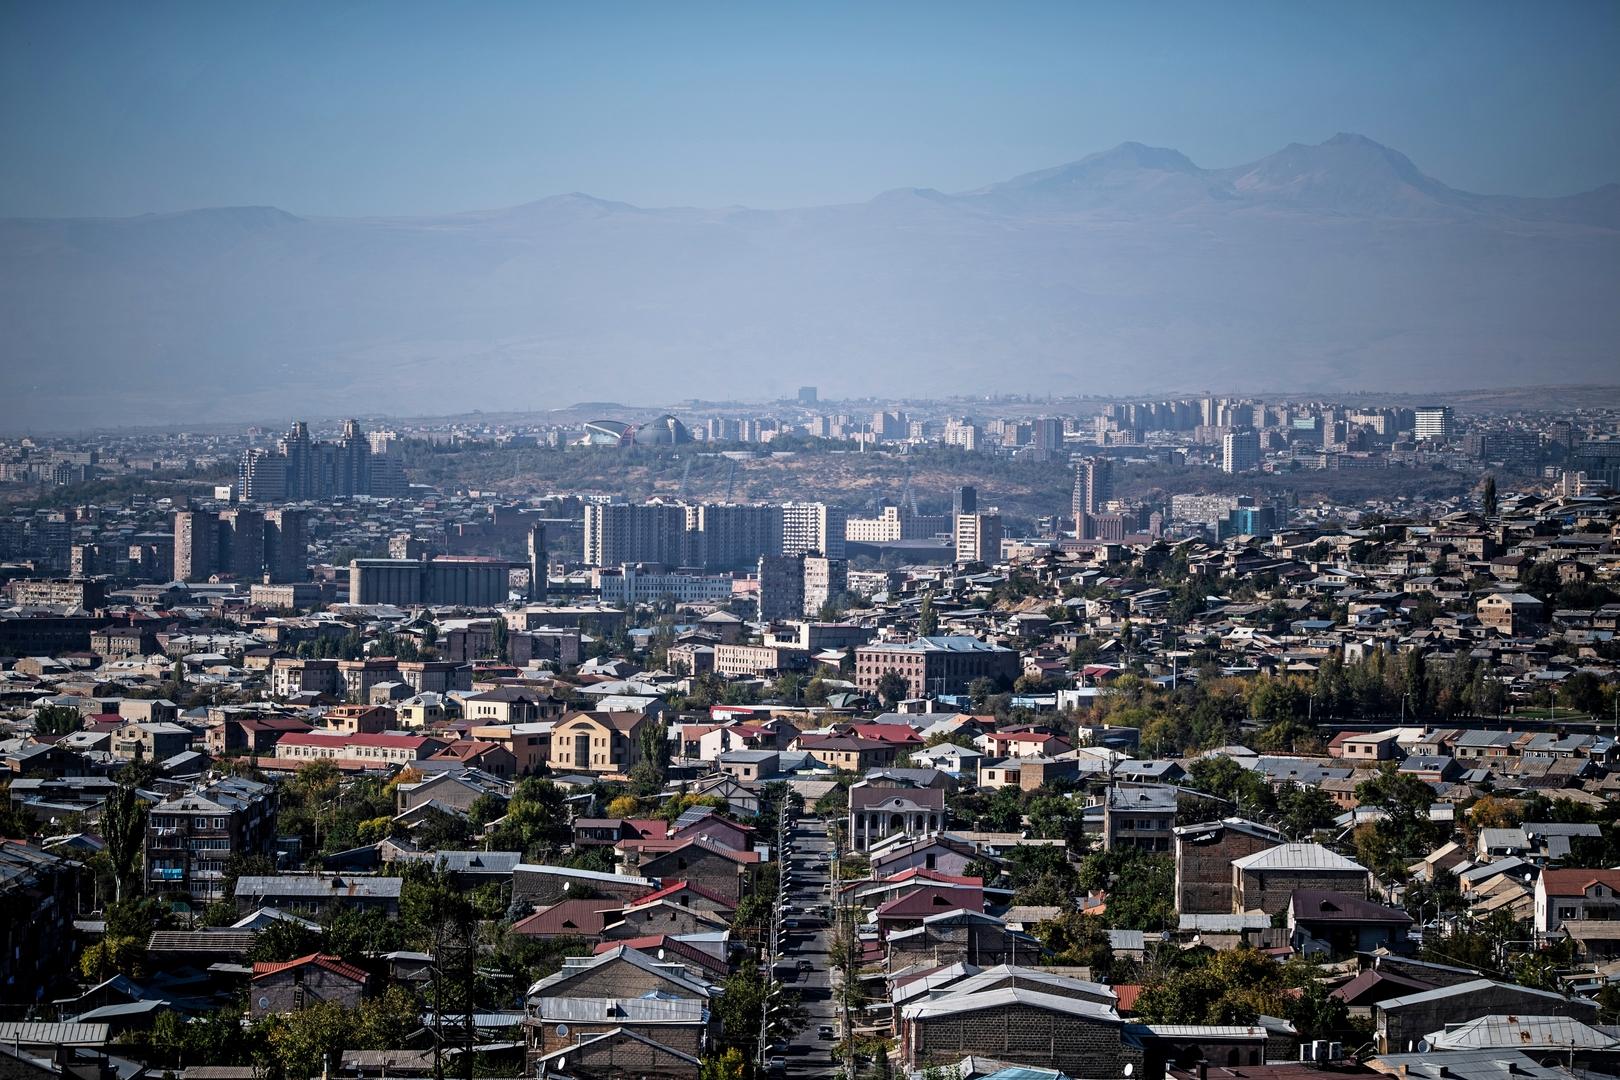 العاصمة الأرمنية يريفان.